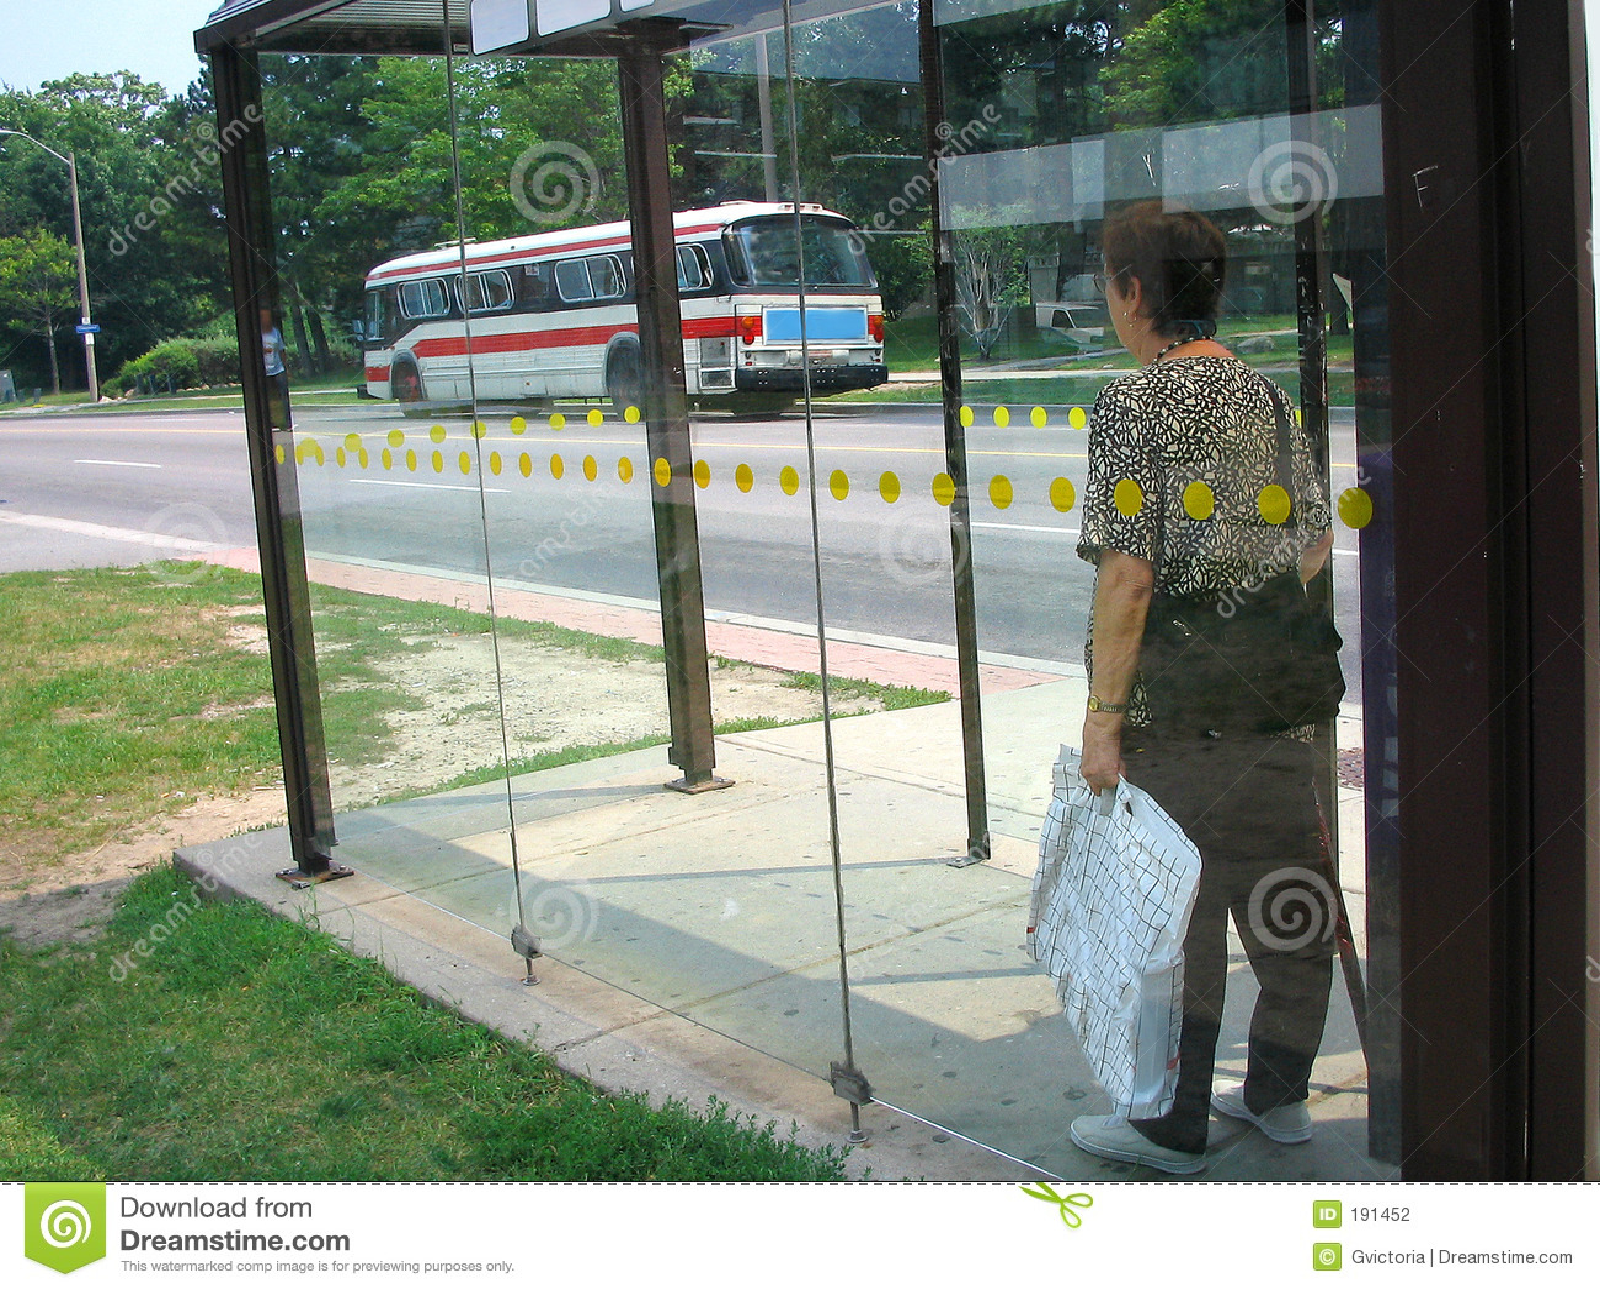 Transito pubblico